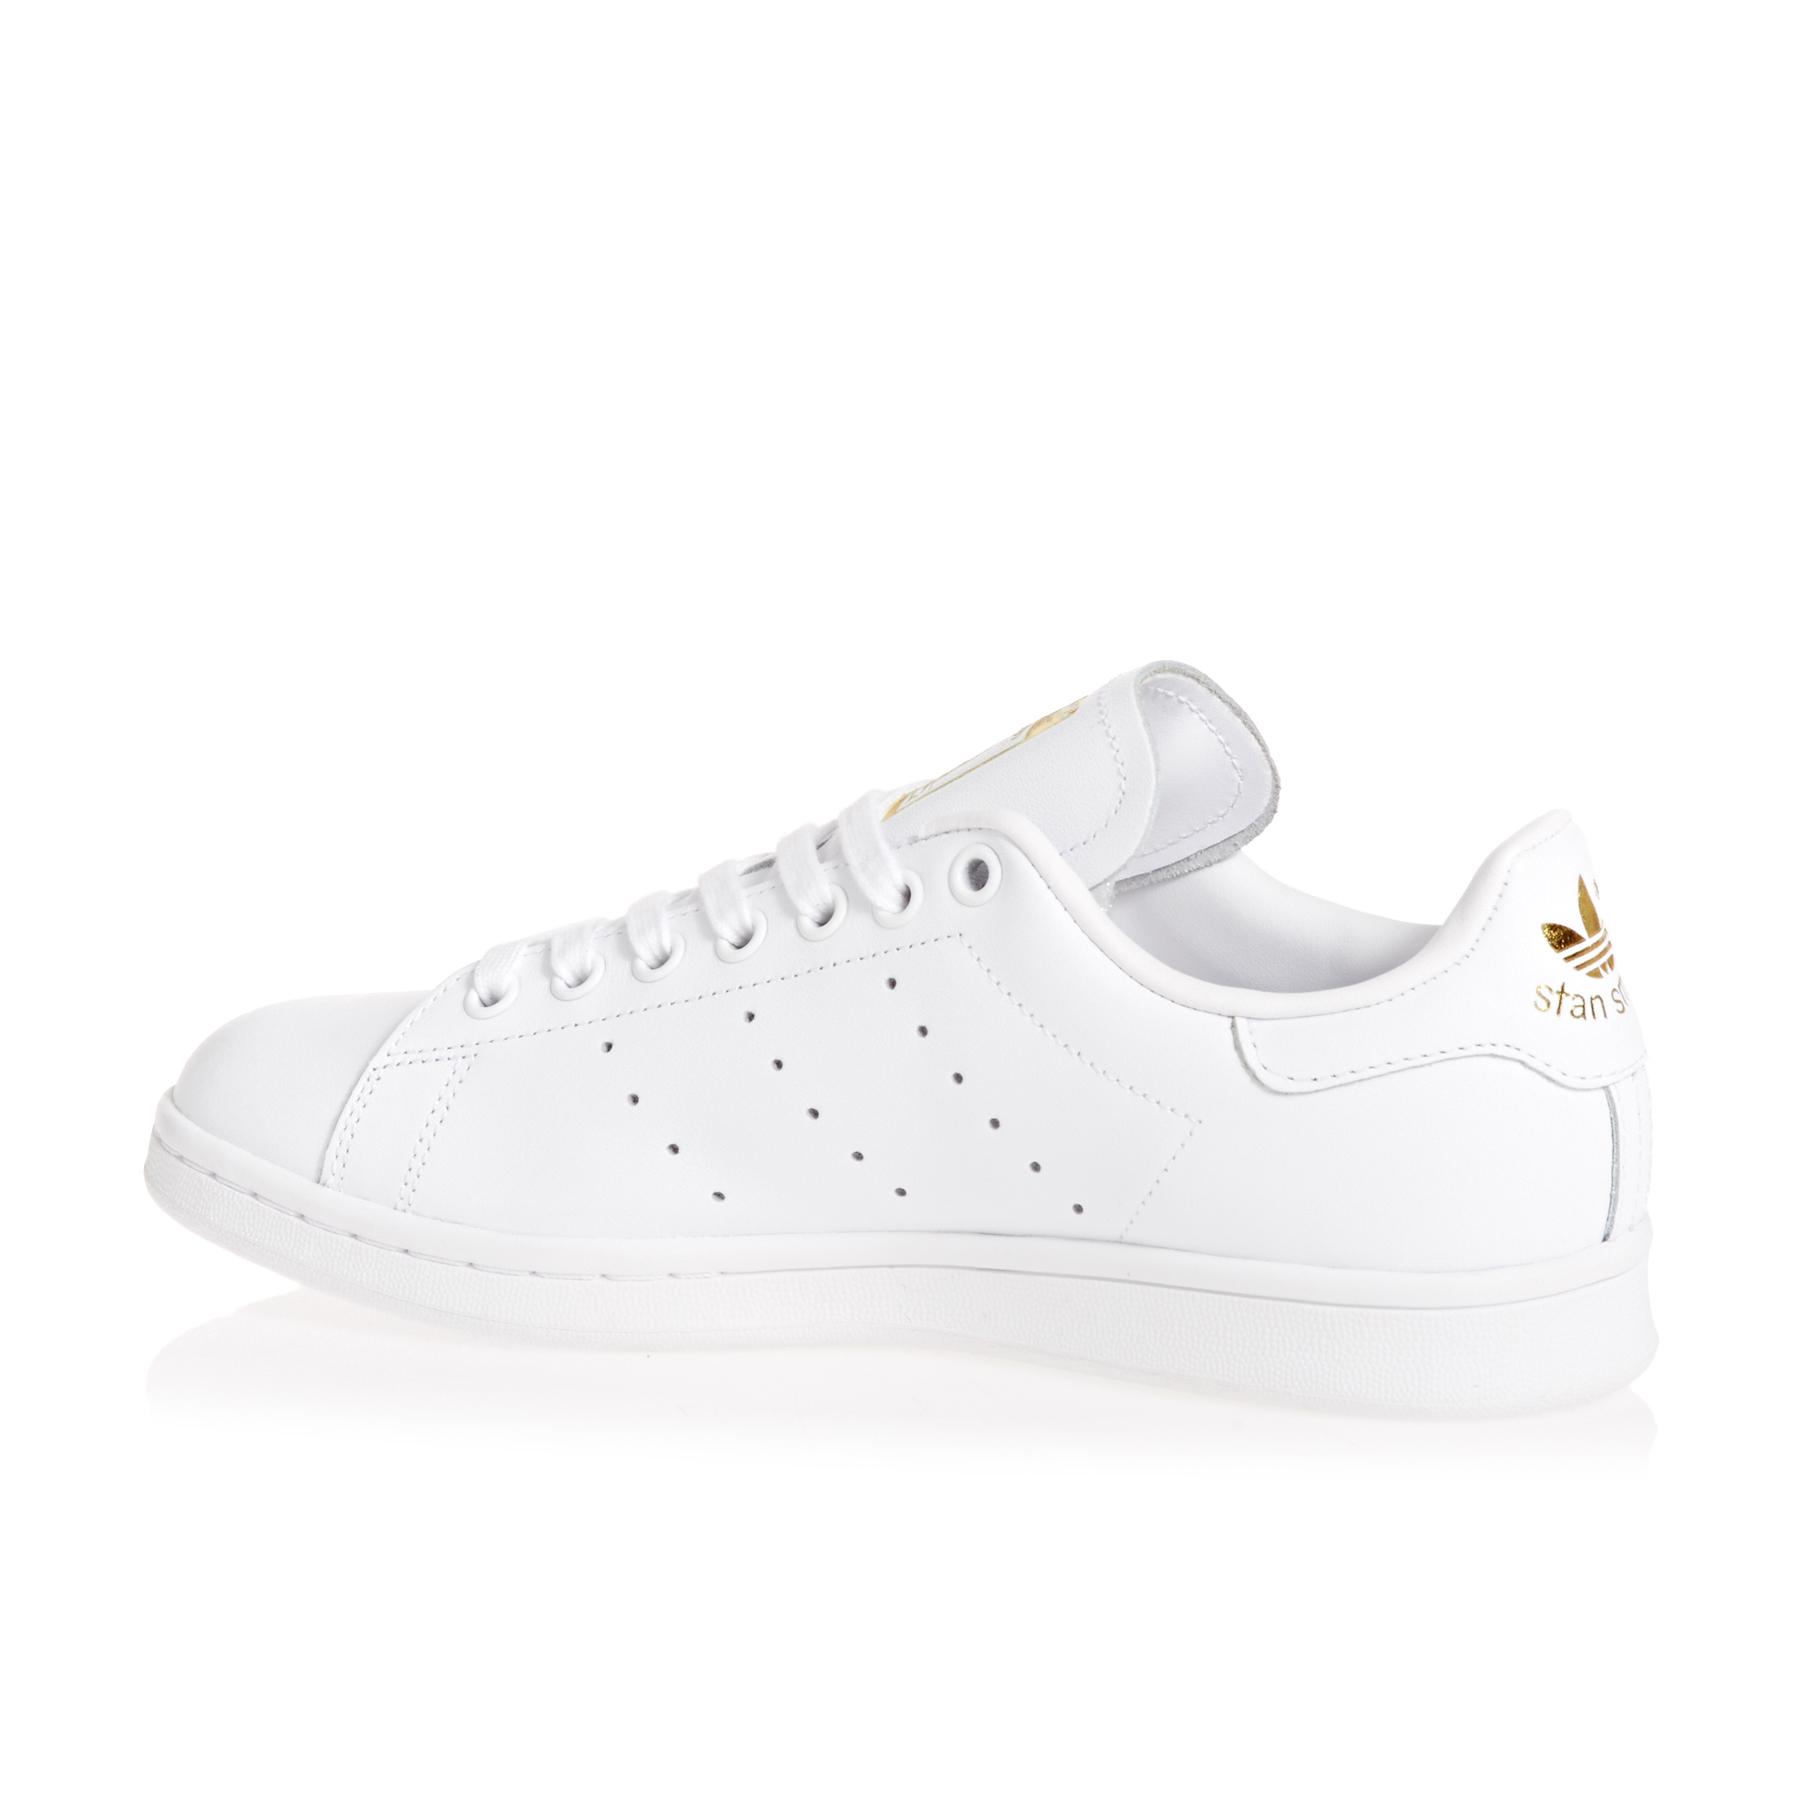 Sapatos Senhora Adidas Originals Stan Smith Envio Grátis